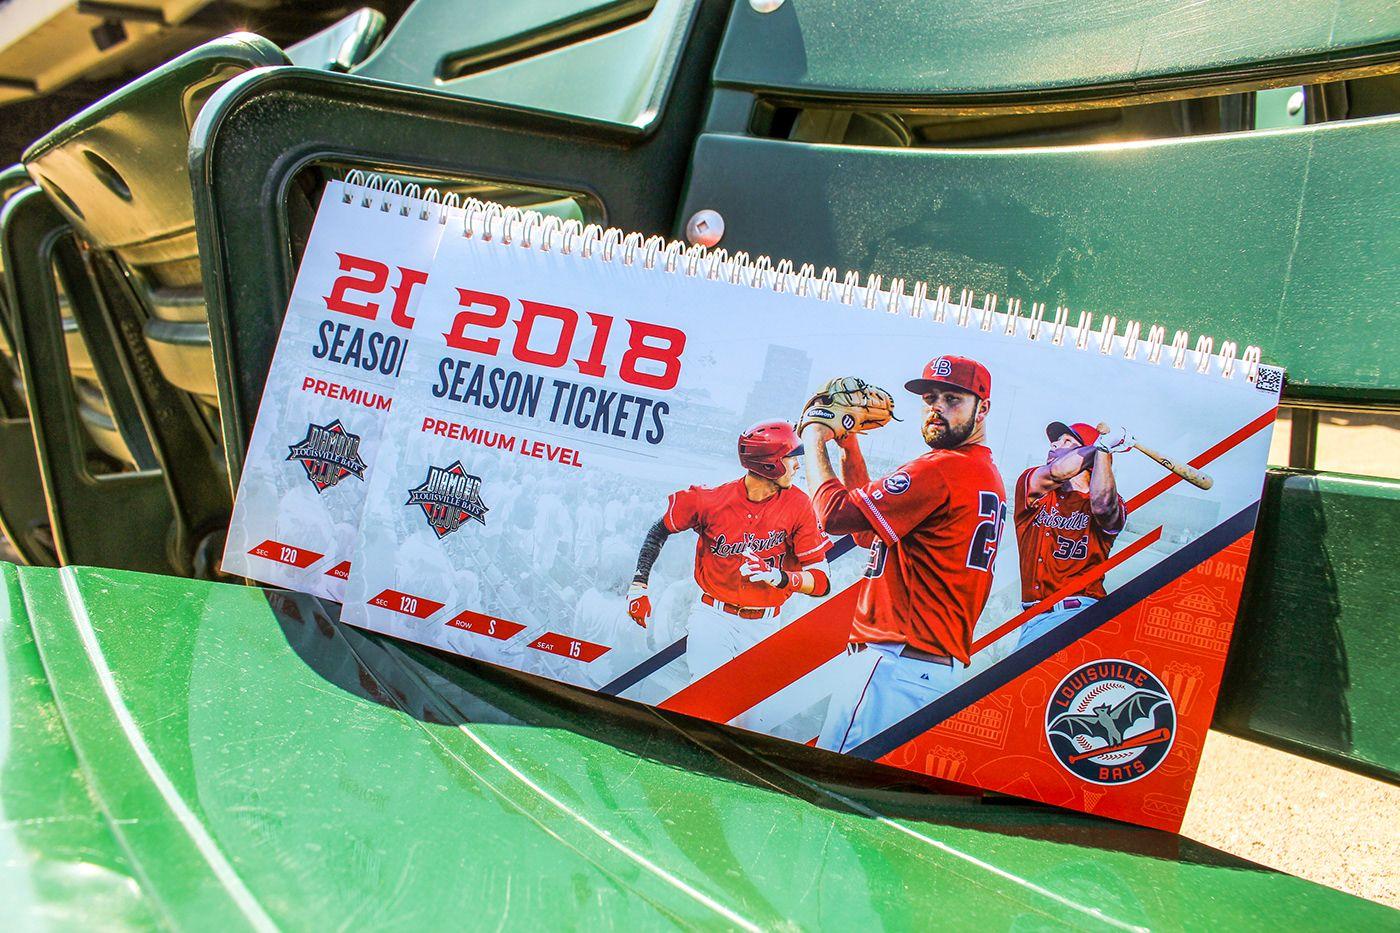 2018 louisville bats season tickets on behance season